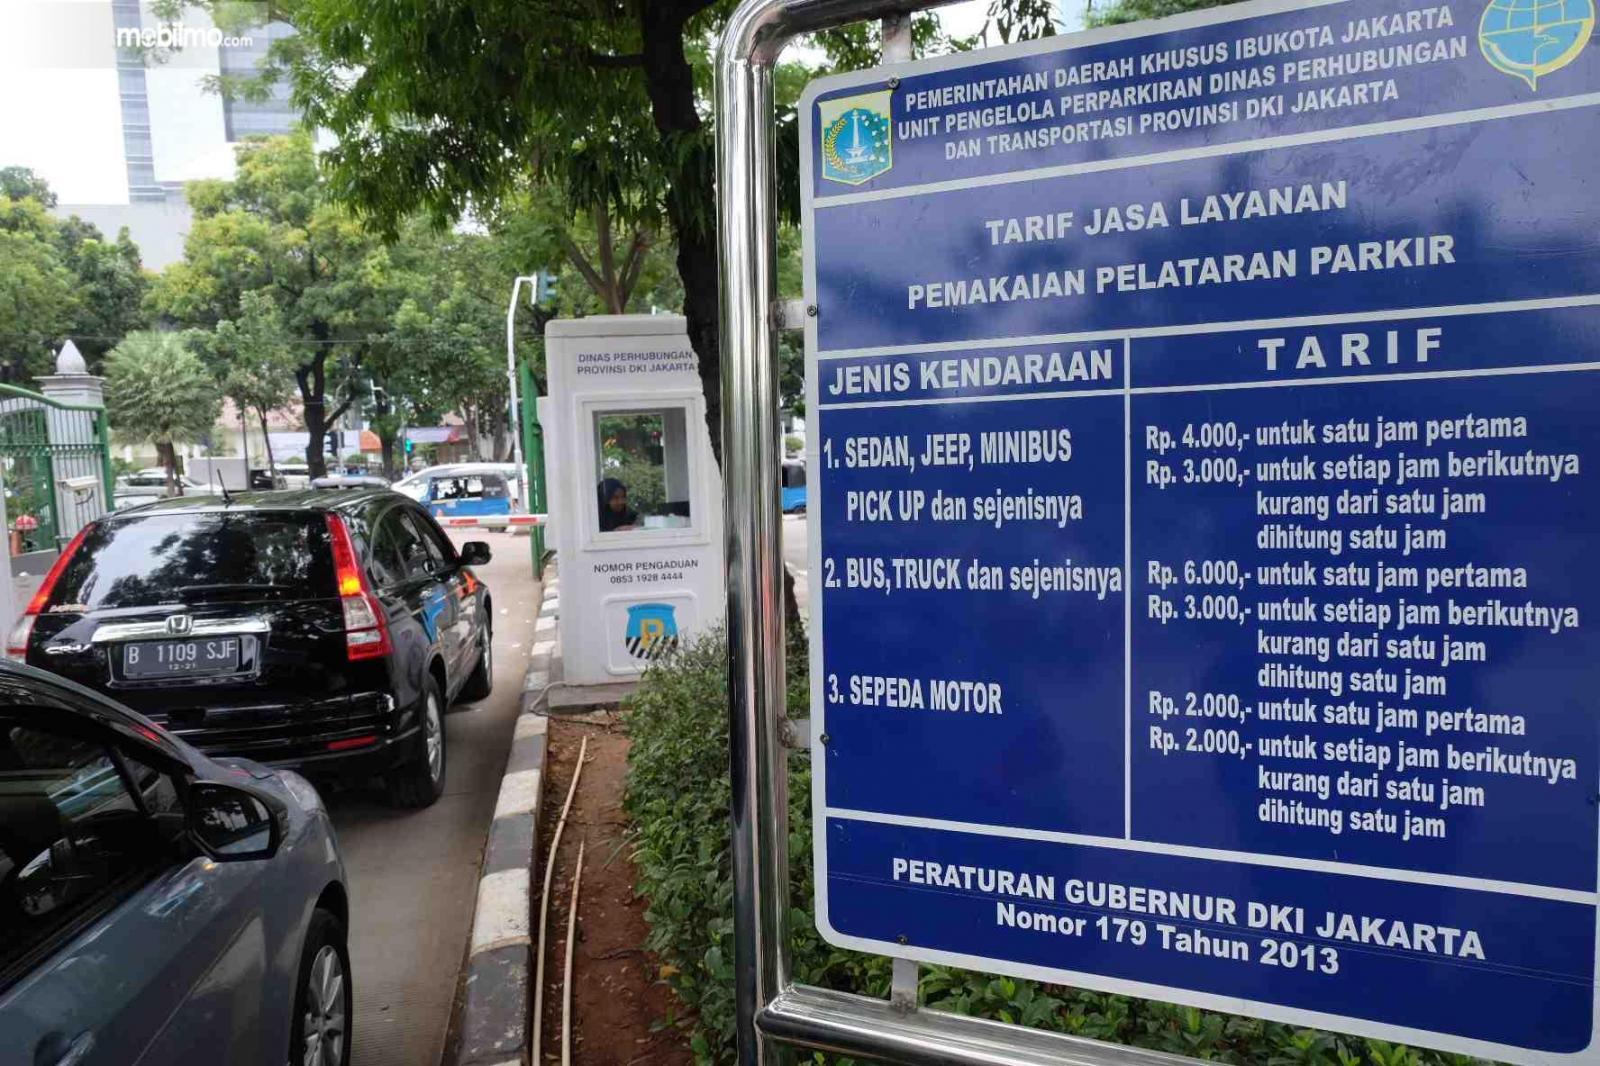 Plang tarif parkir di DKI Jakarta untuk mobil dan sepeda motor